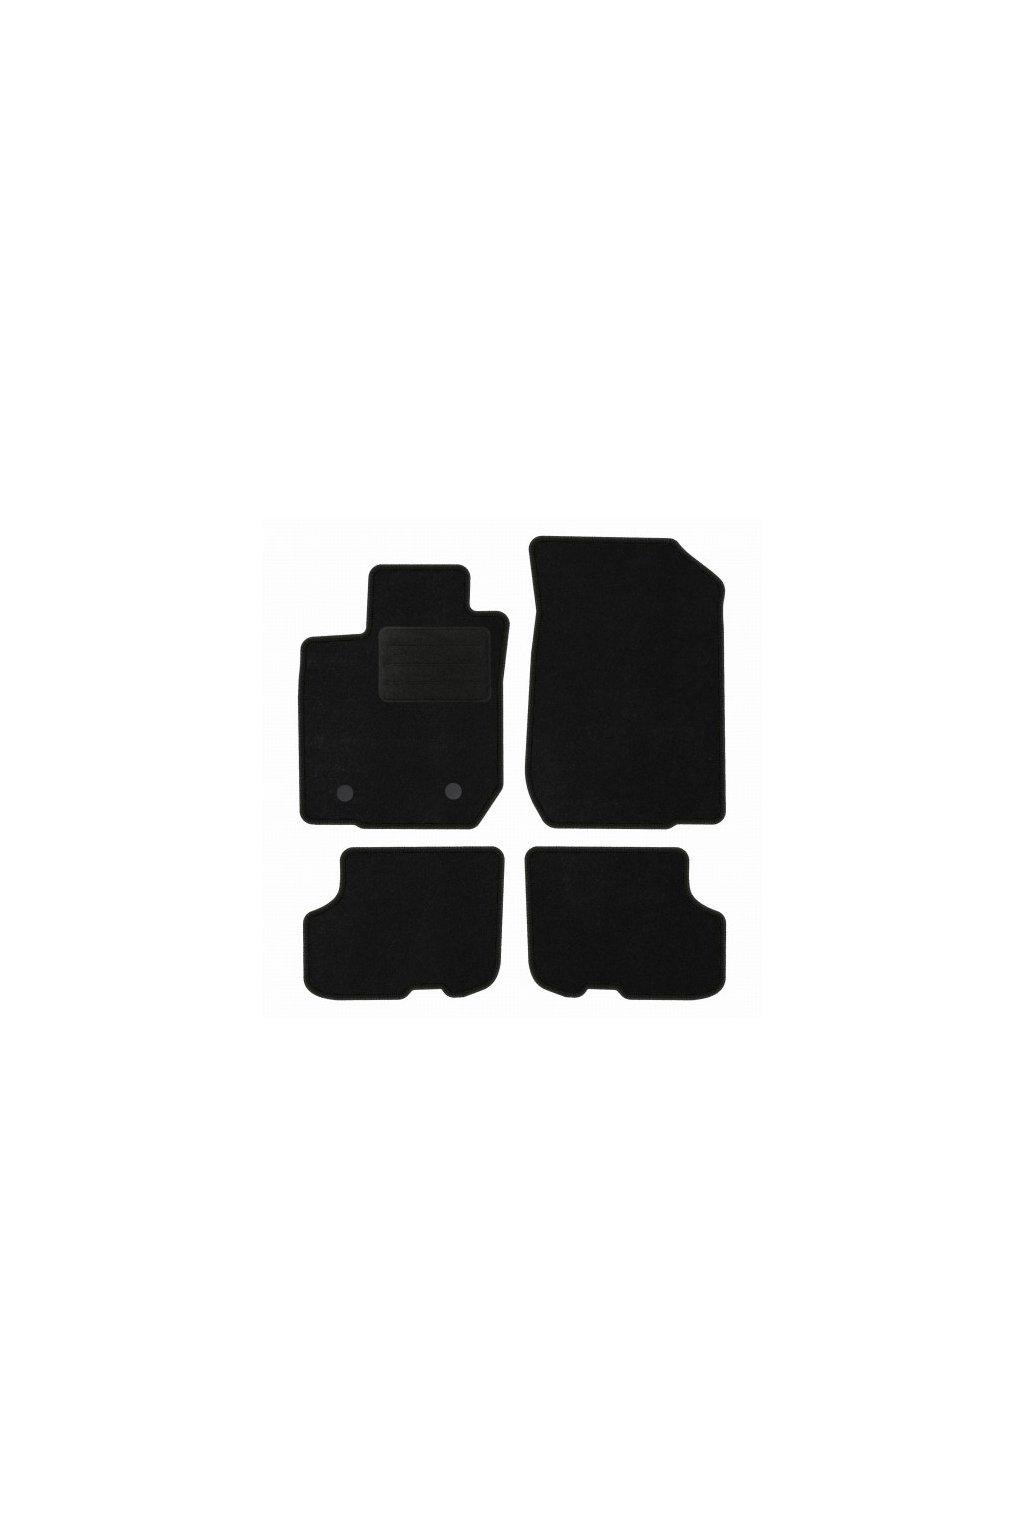 Koberce textilni DACIA Logan II 2012- černá